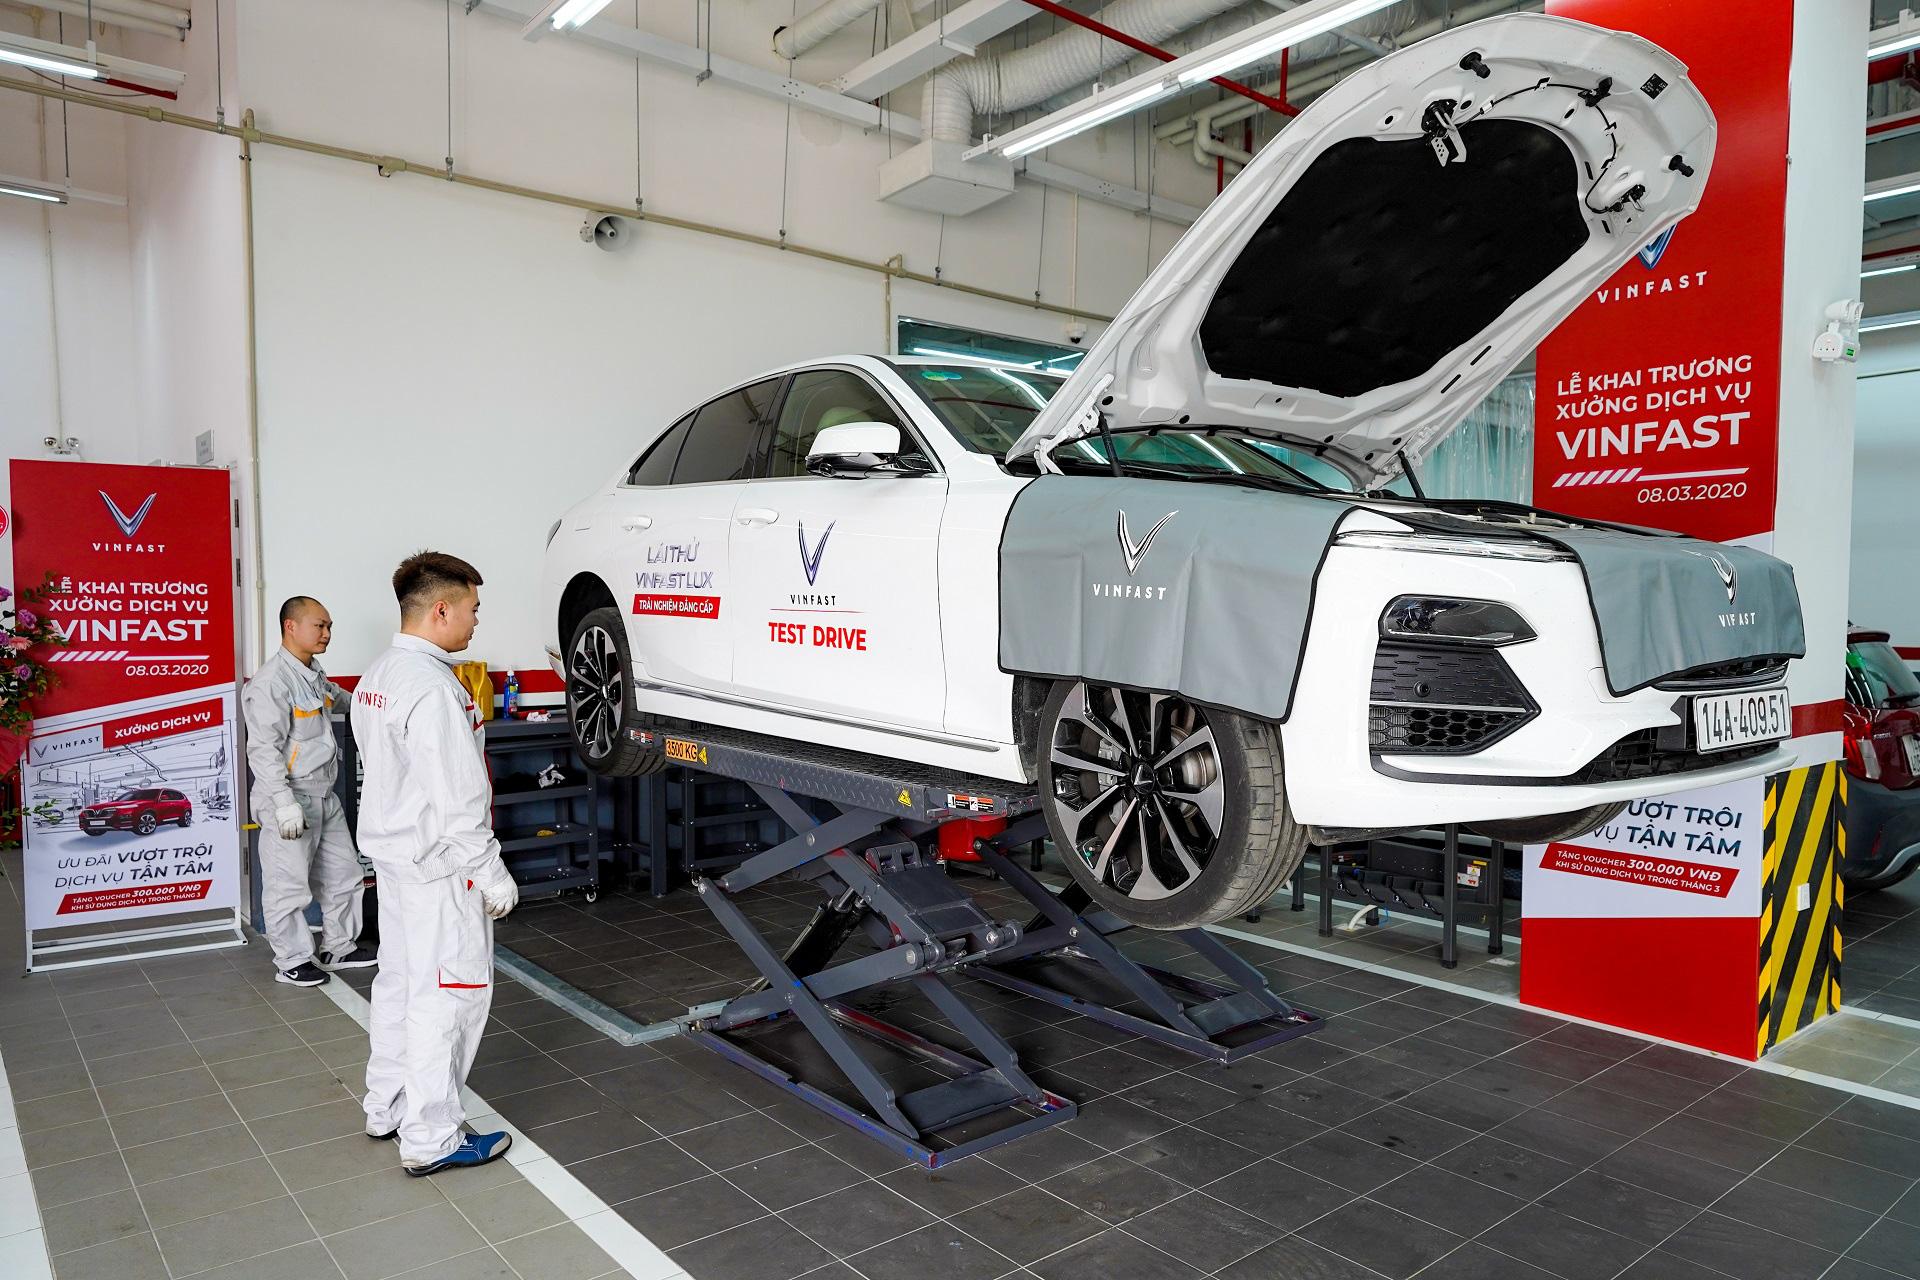 VinFast của tỉ phú Phạm Nhật Vượng trở thành hãng xe có hệ thống xưởng dịch vụ lớn nhất Việt Nam - Ảnh 3.